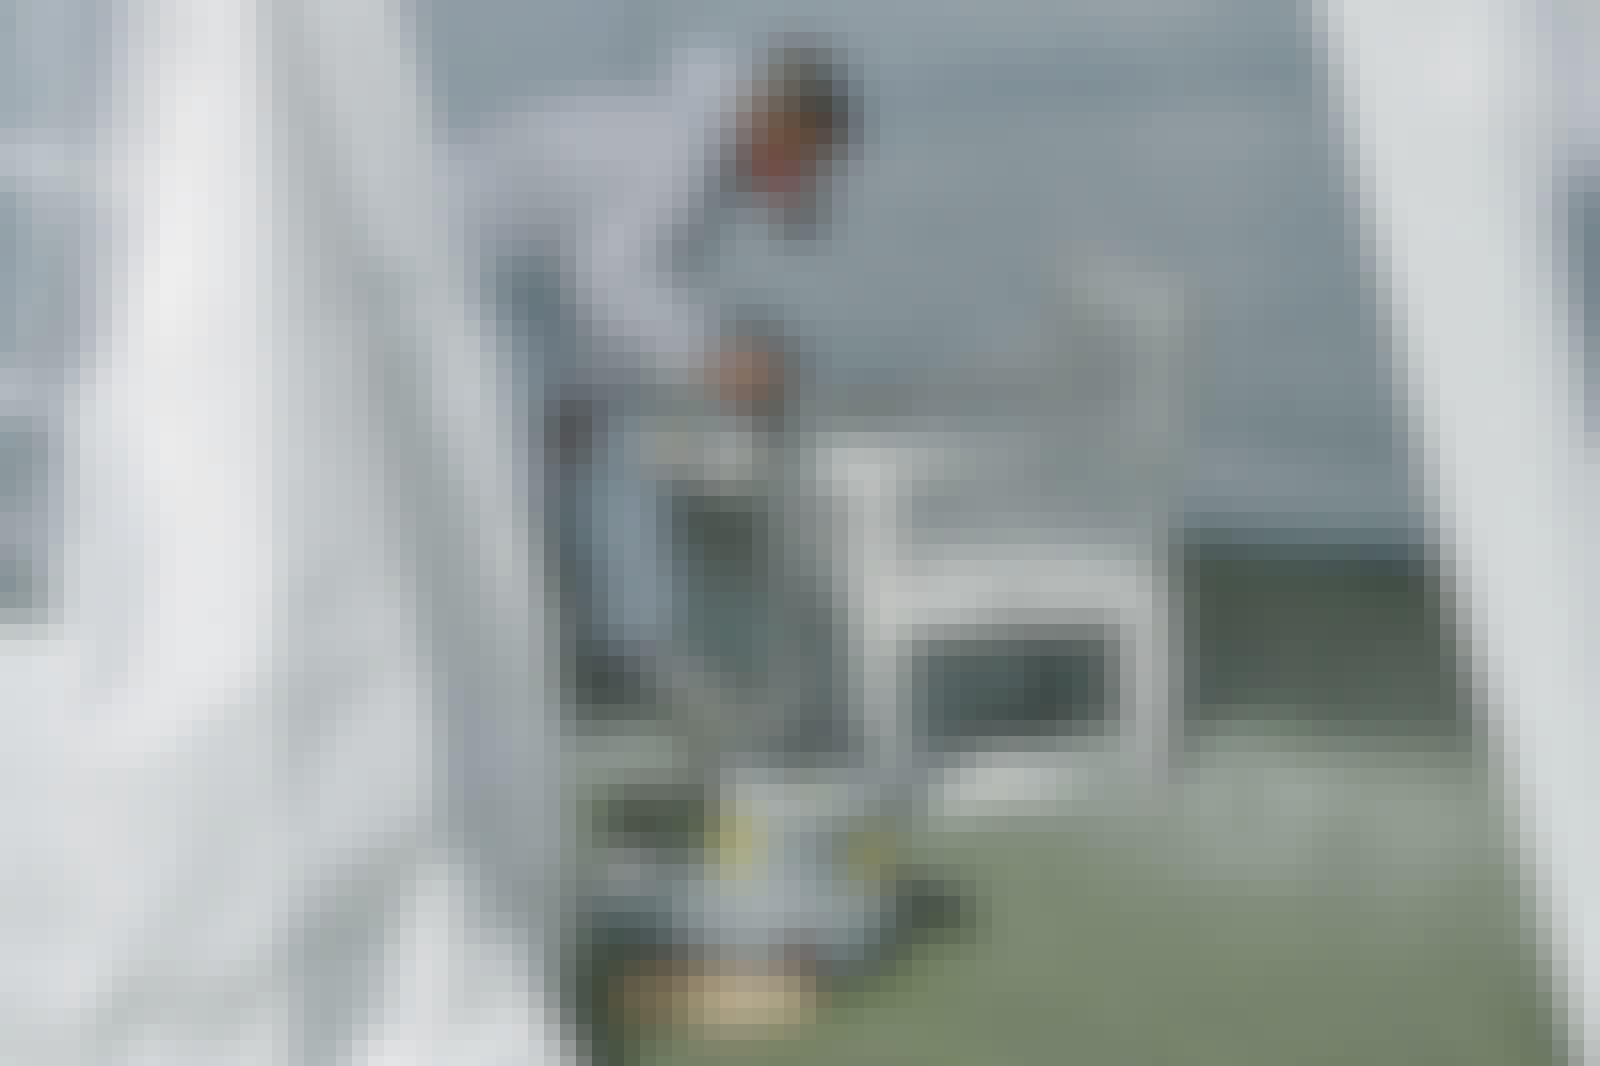 Sprutmålning: Om du vill ha kontroll över sprutmålningen när du målar utomhus, kan du bygga ett avgränsat rum som på bilden här.